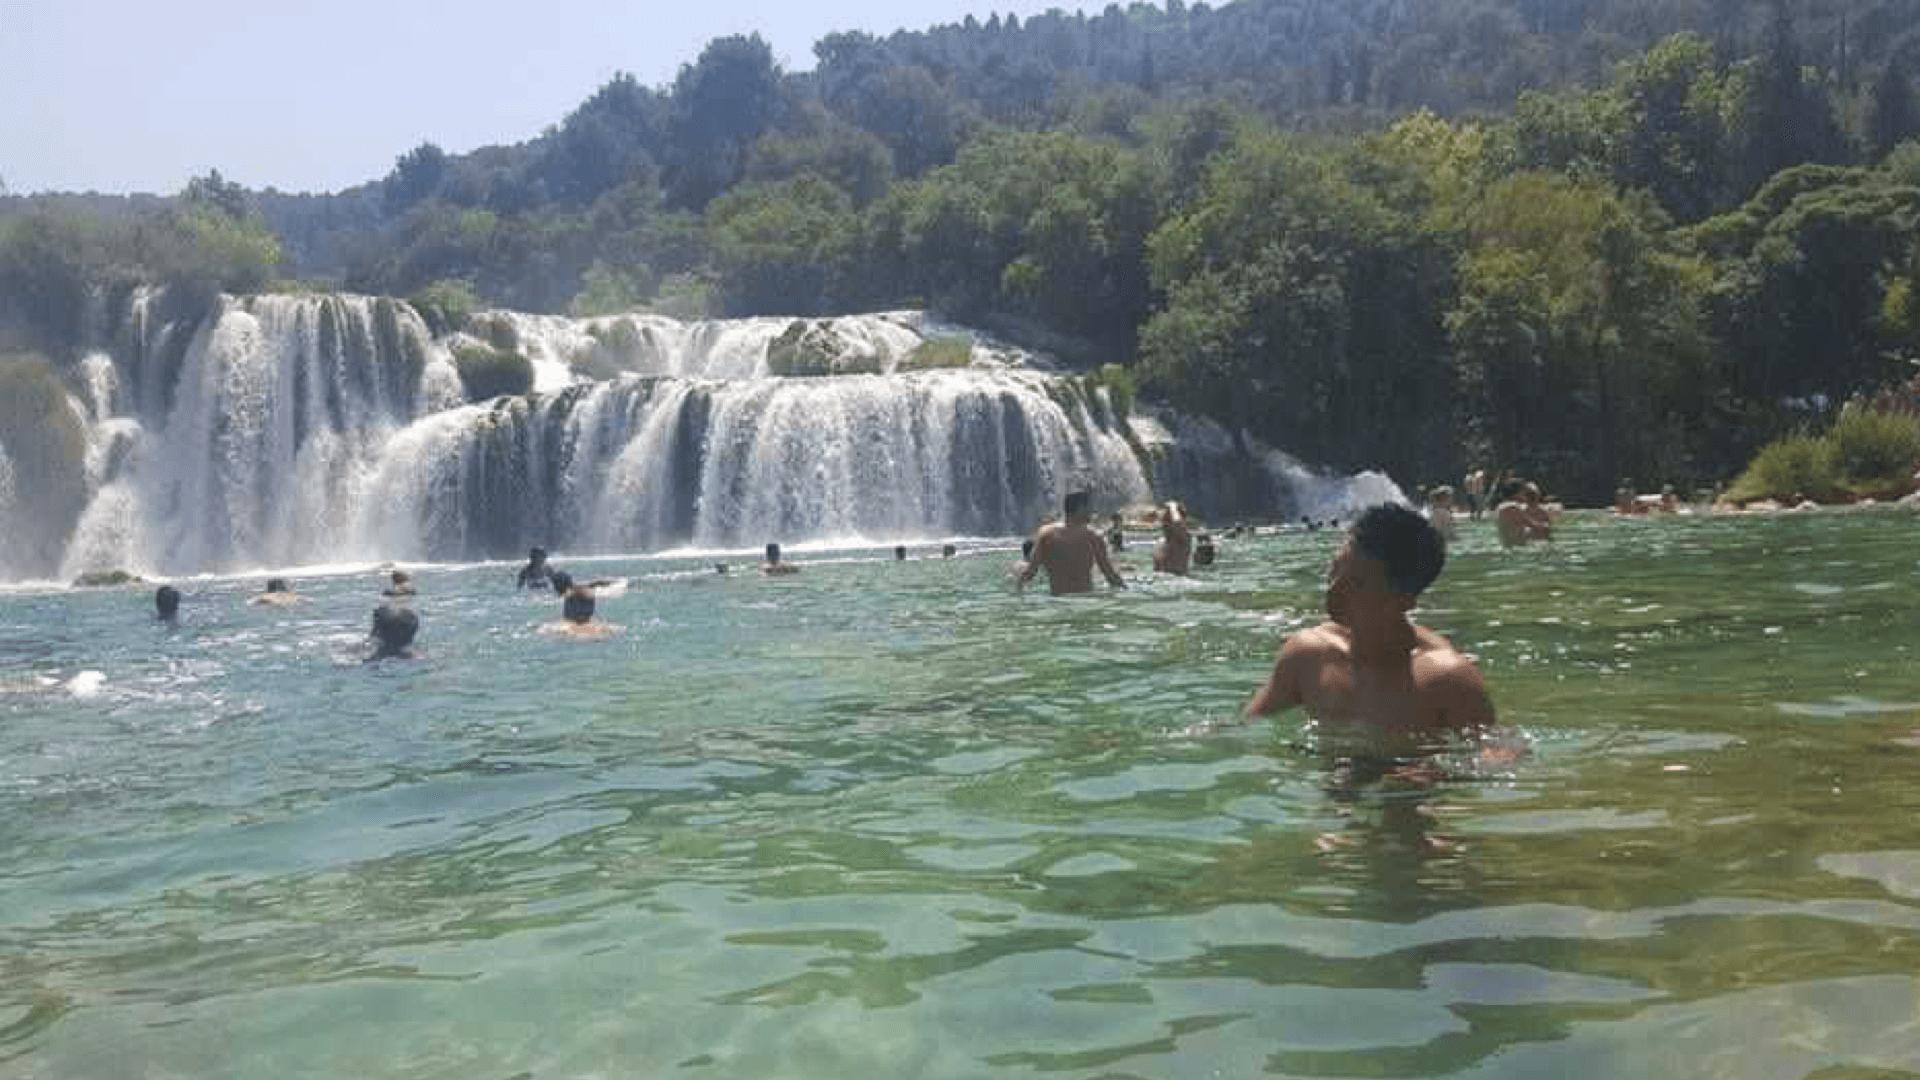 mat_hanyang_hanyang by a waterfall